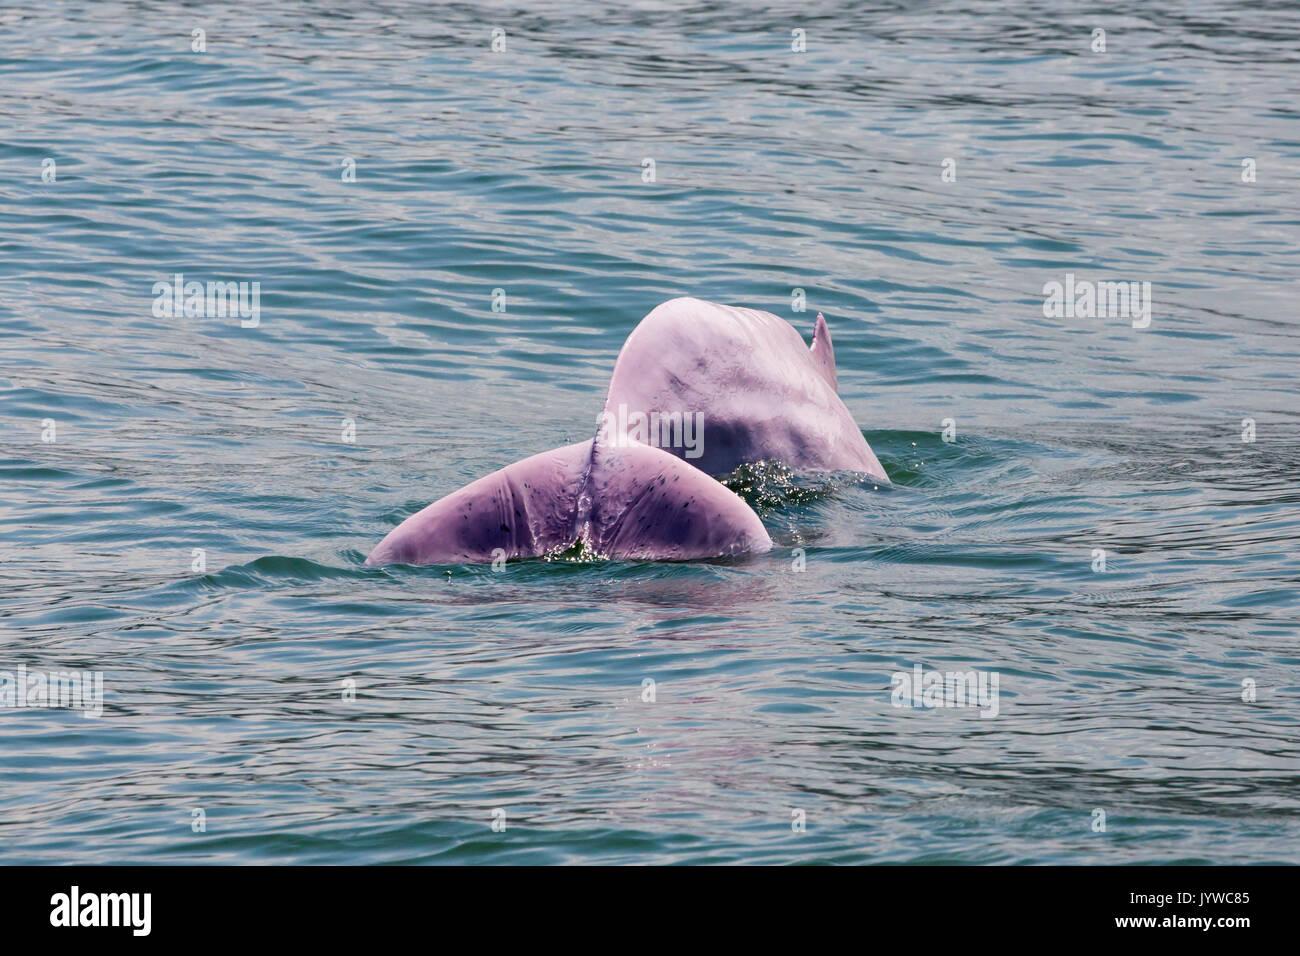 Dauphin à bosse de l'indo-pacifique (Sousa chinensis) fluking dans les eaux de hong kong. Cette espèce côtière est soumise à de plus en plus menacé par les humains. Photo Stock